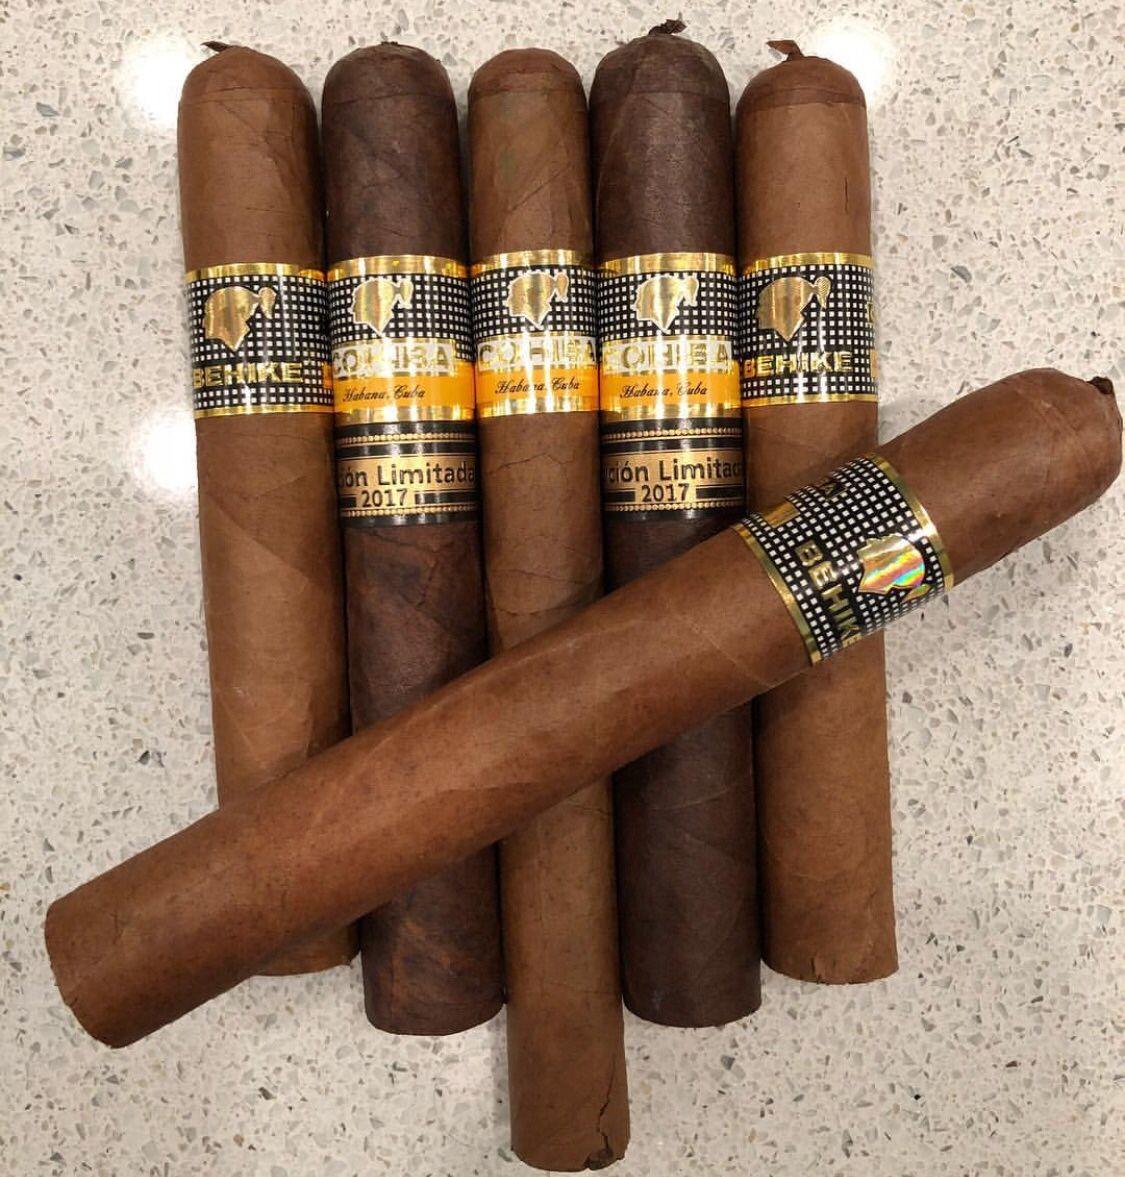 временем центре кубинские сигары картинки осень, опять